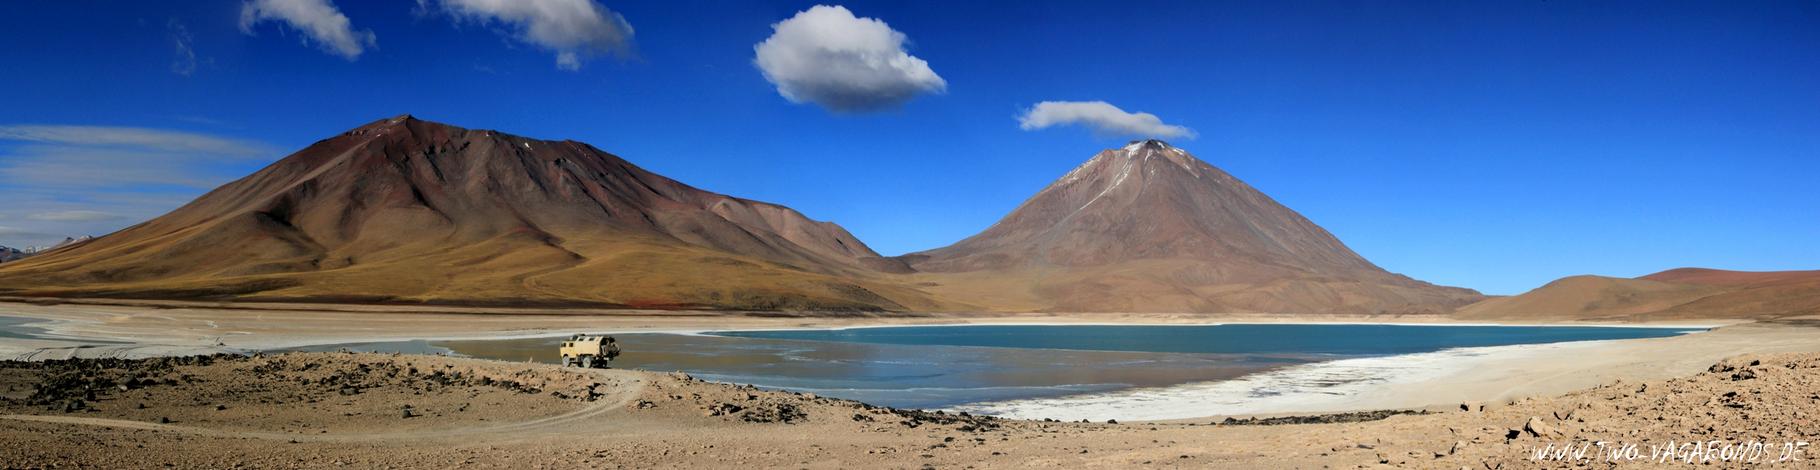 BOLIVIEN 2015 - LAGUNA VERDE